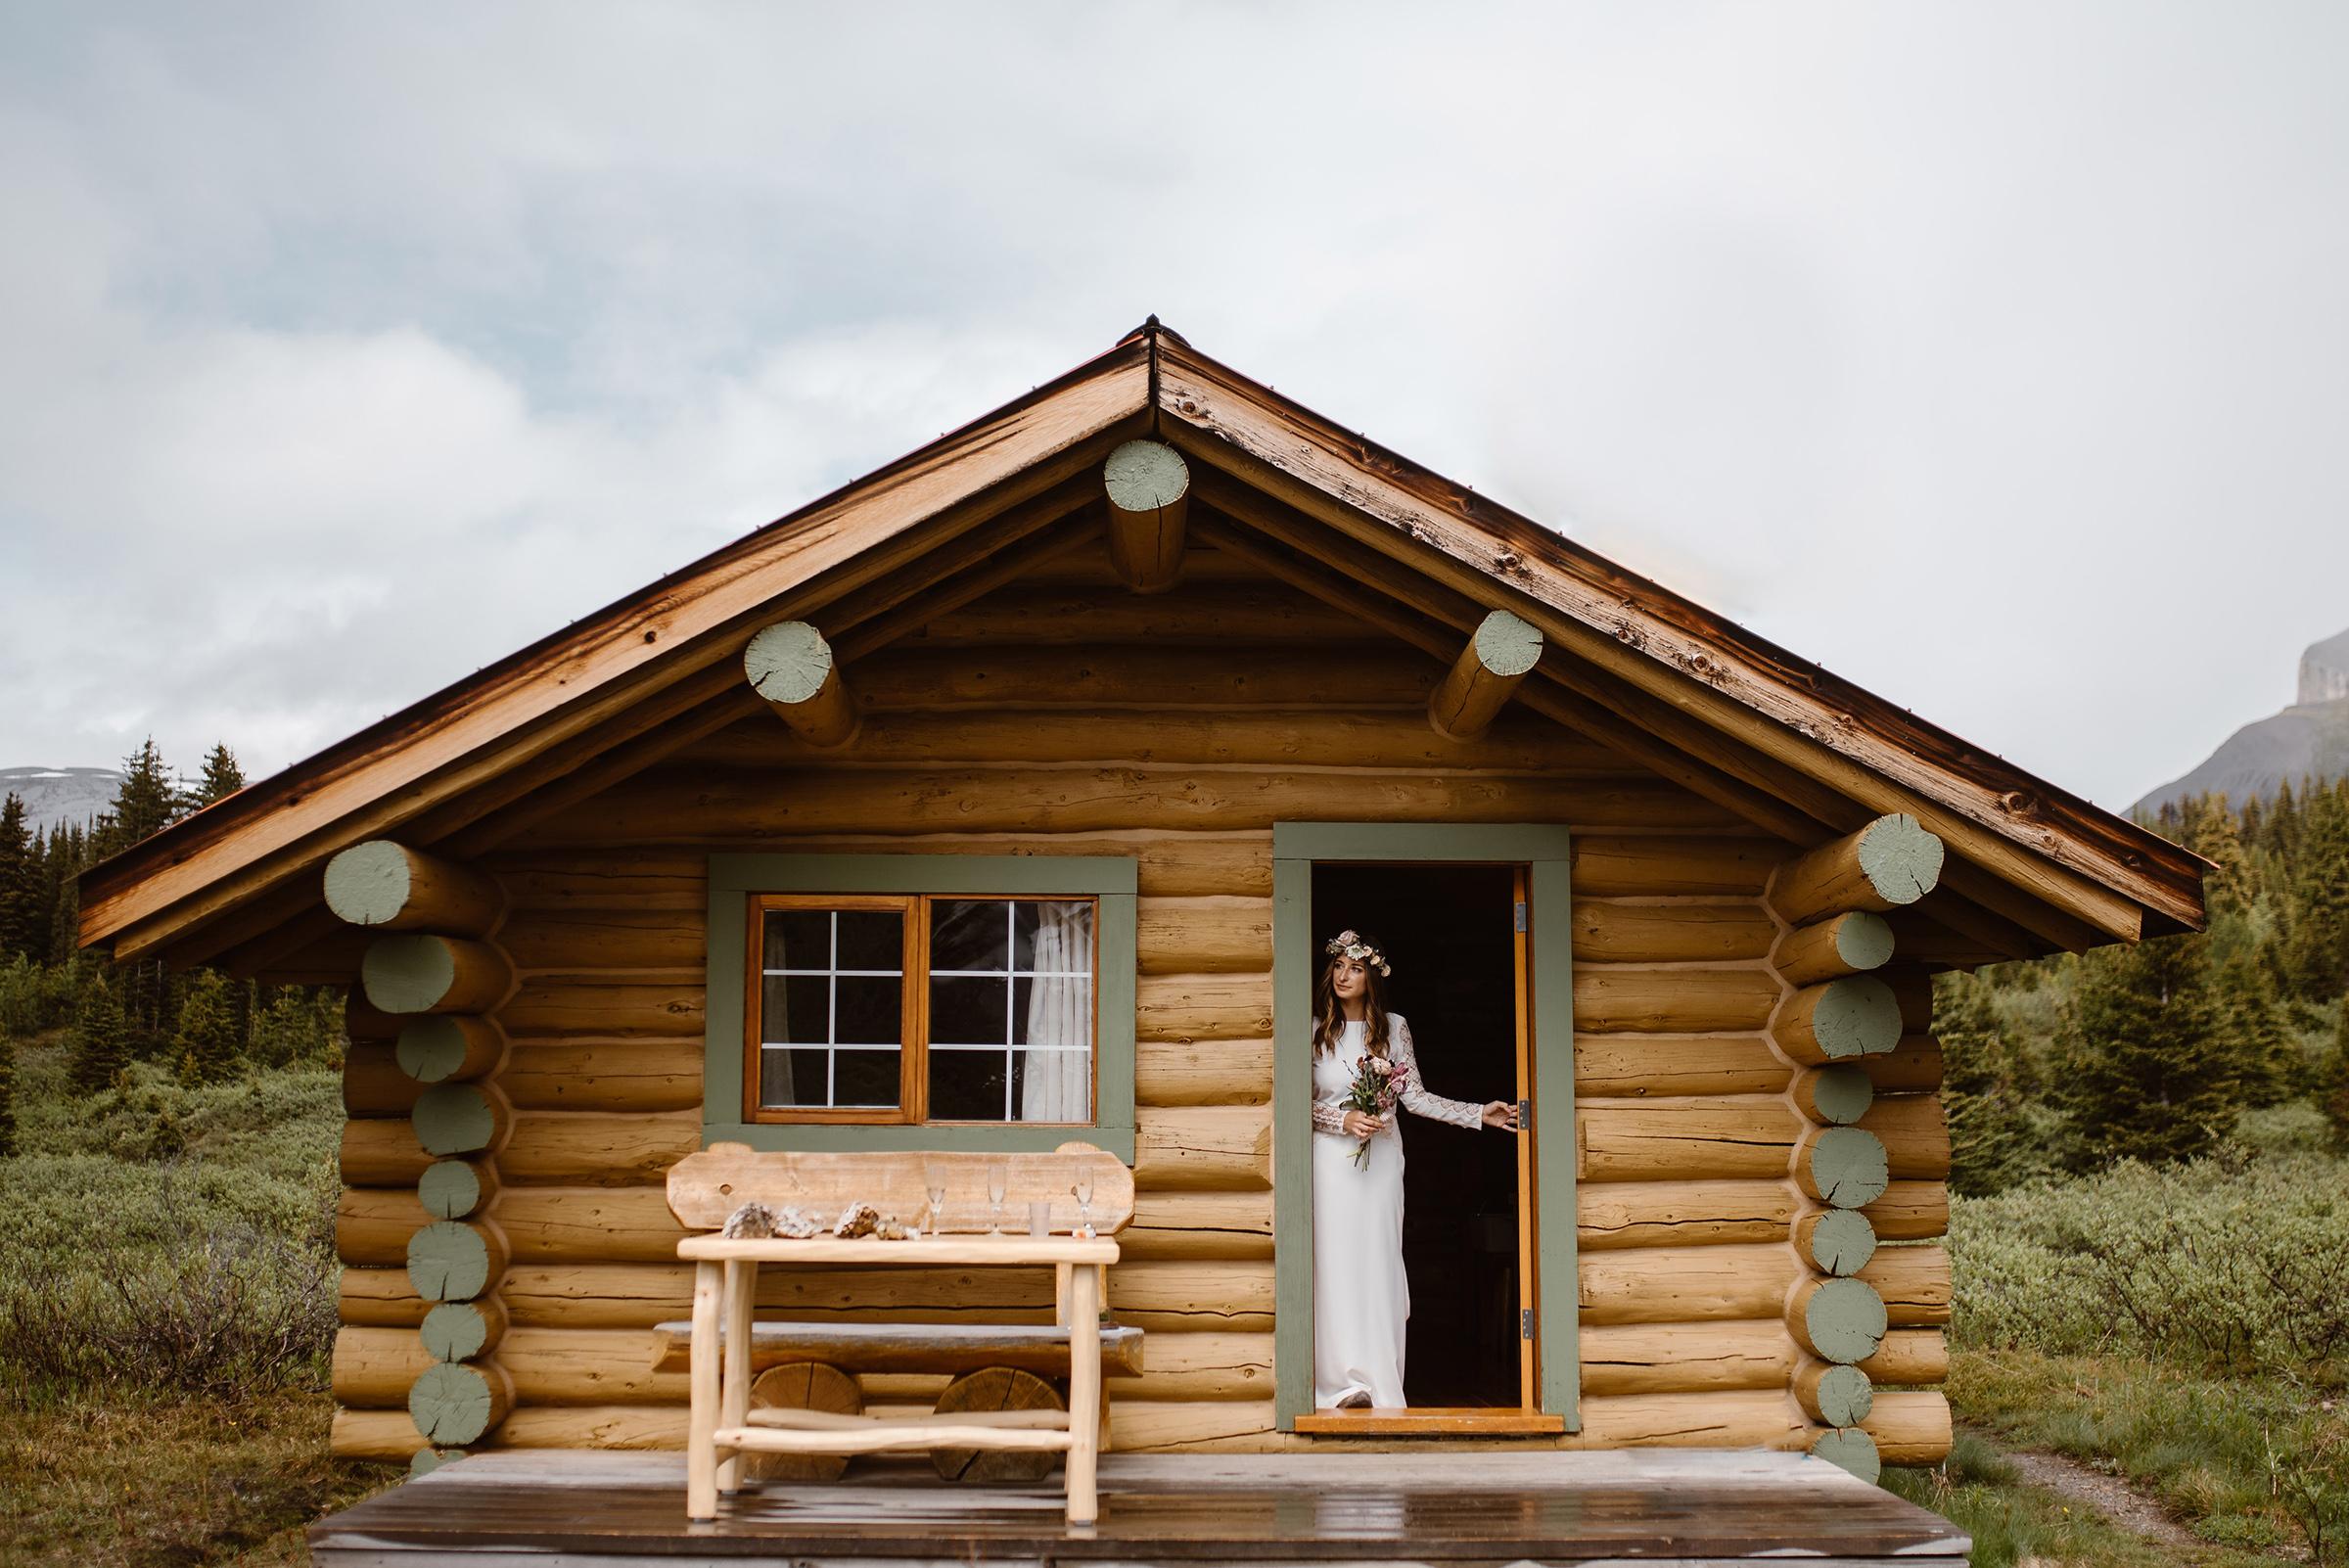 Bride peeks out of log cabin door - photo by Virginia & Evan